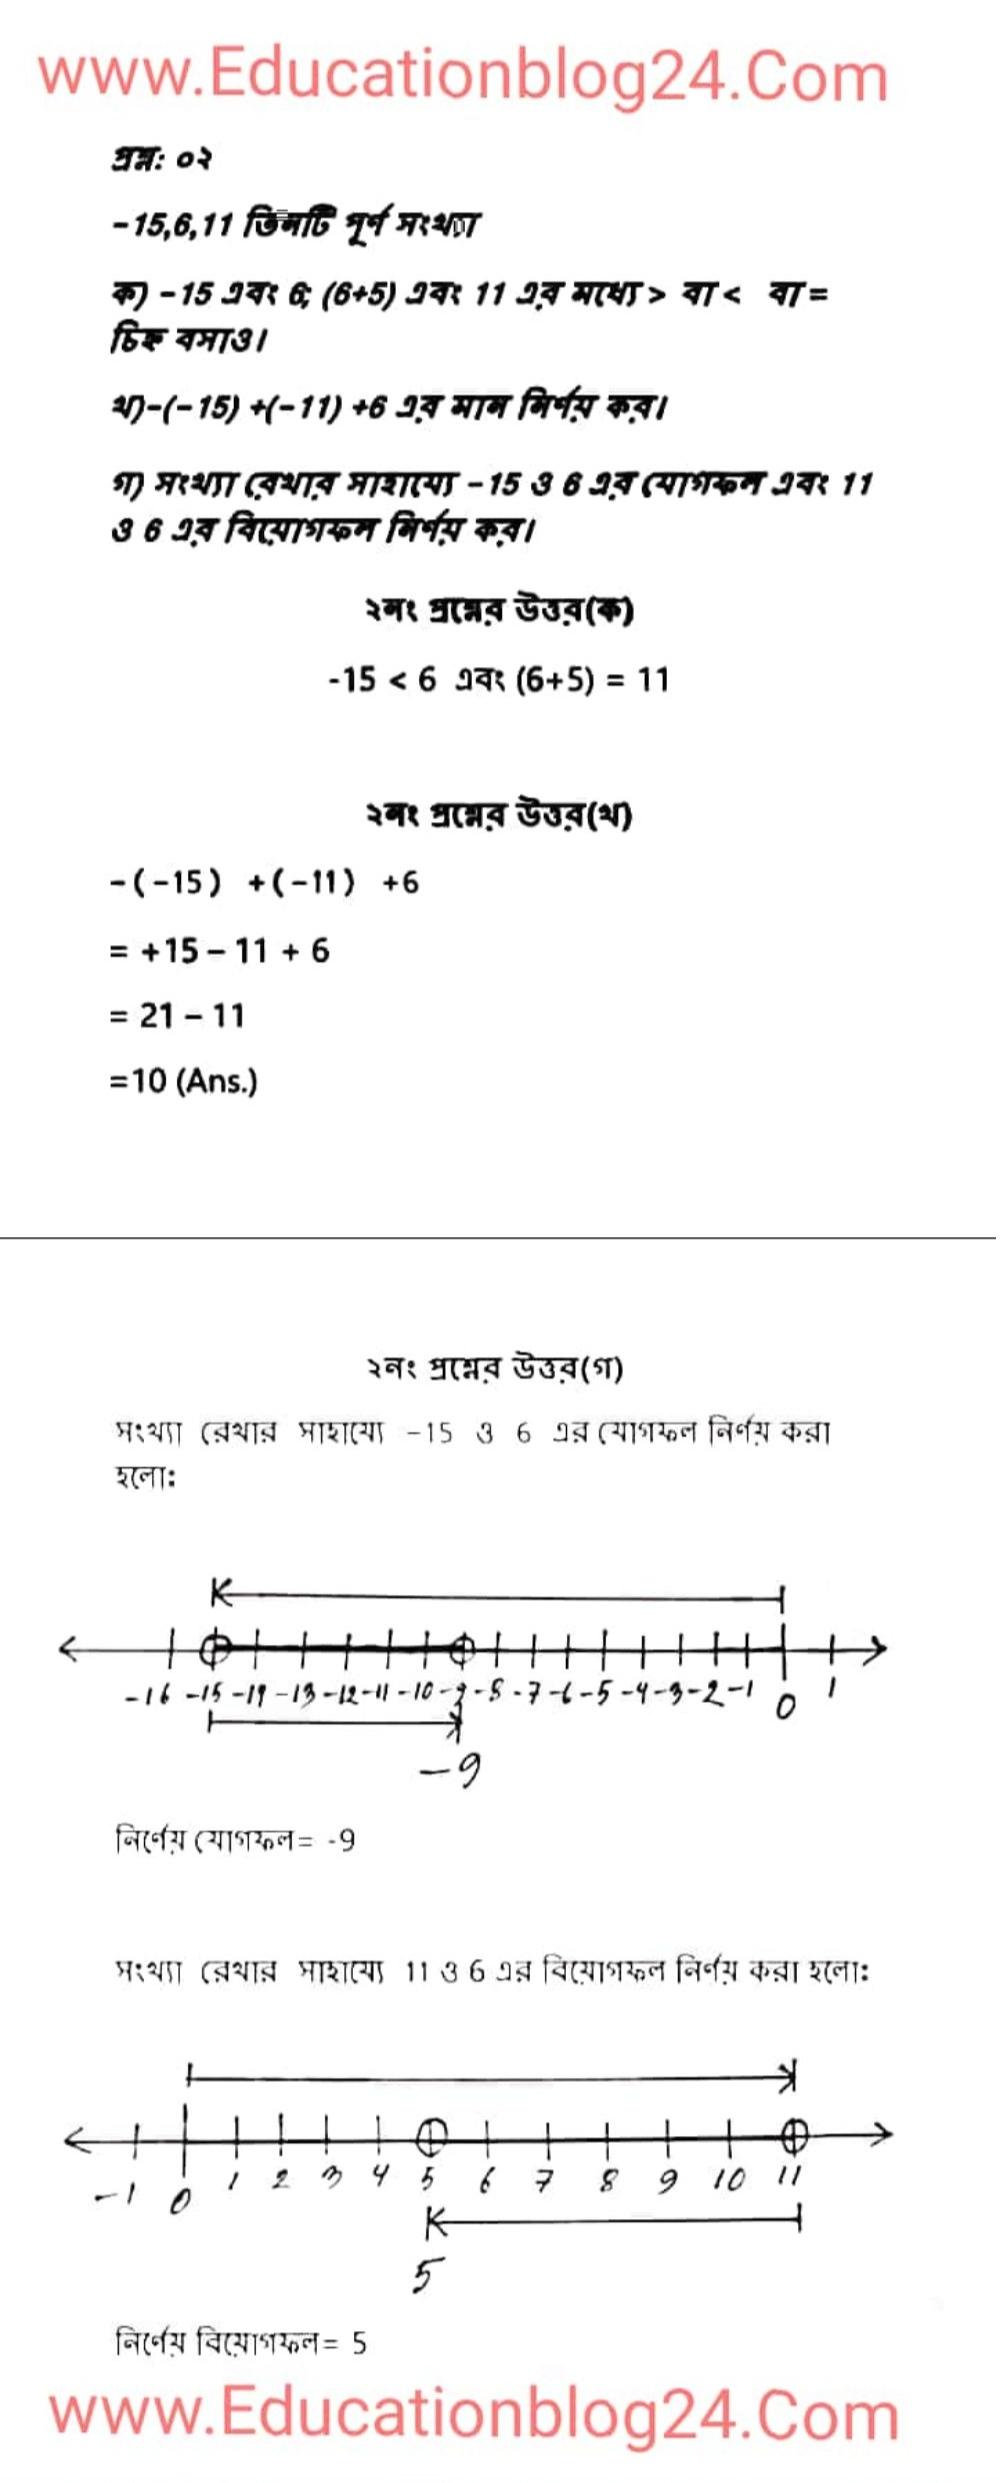 ষষ্ঠ শ্রেণীর ৫ম সপ্তাহের গণিত এসাইনমেন্ট প্রশ্ন ২০২০   Class 6, 5th Week Math Assignment Solution